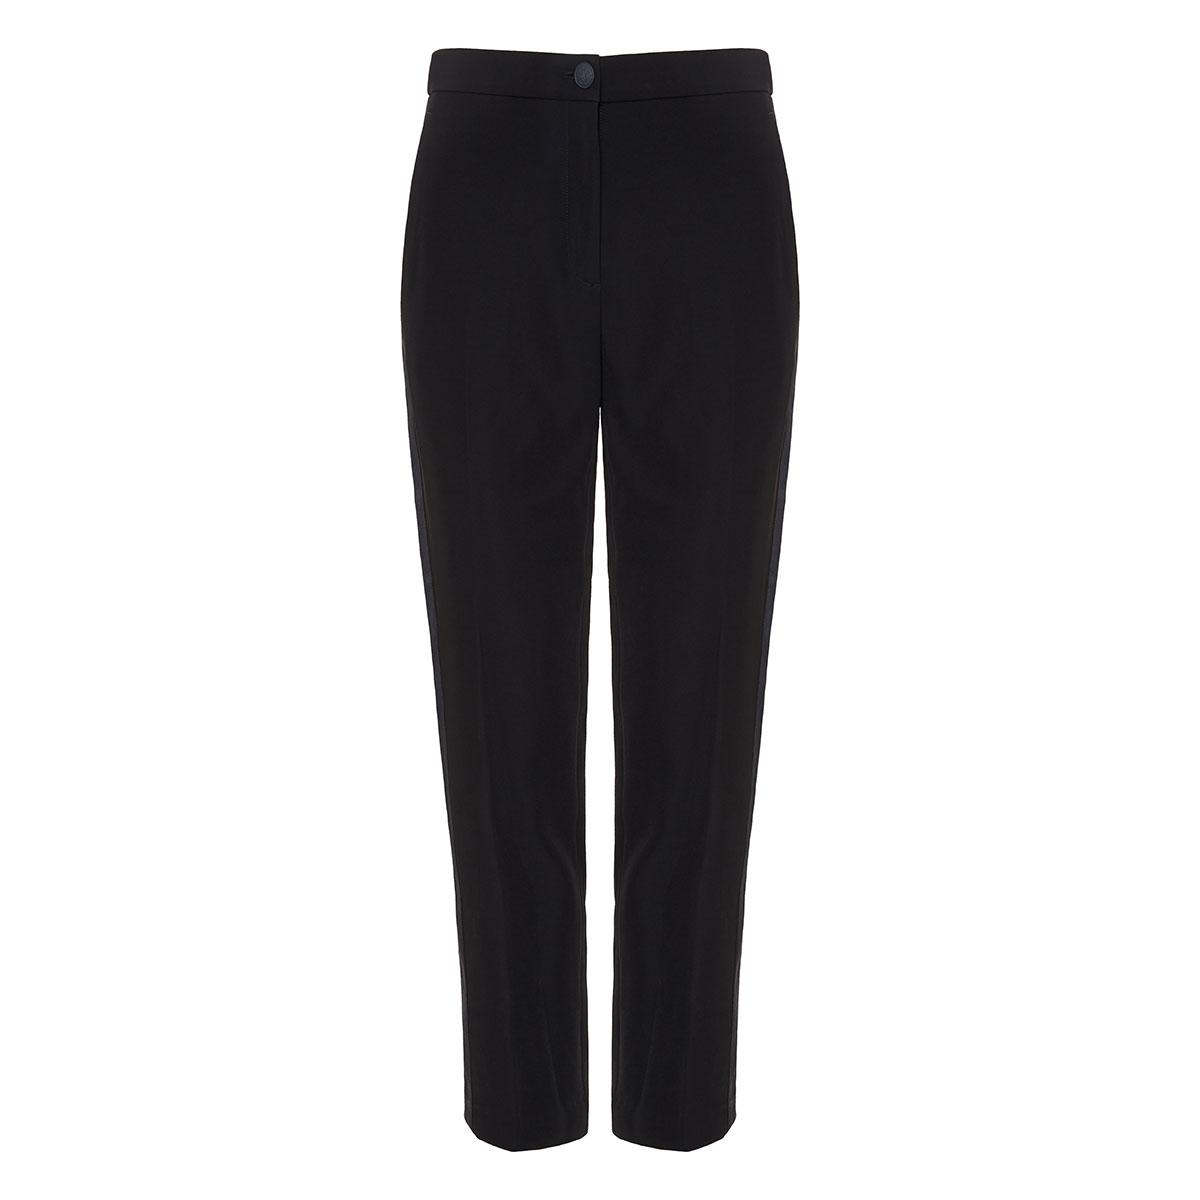 Meki side-striped cropped trousers